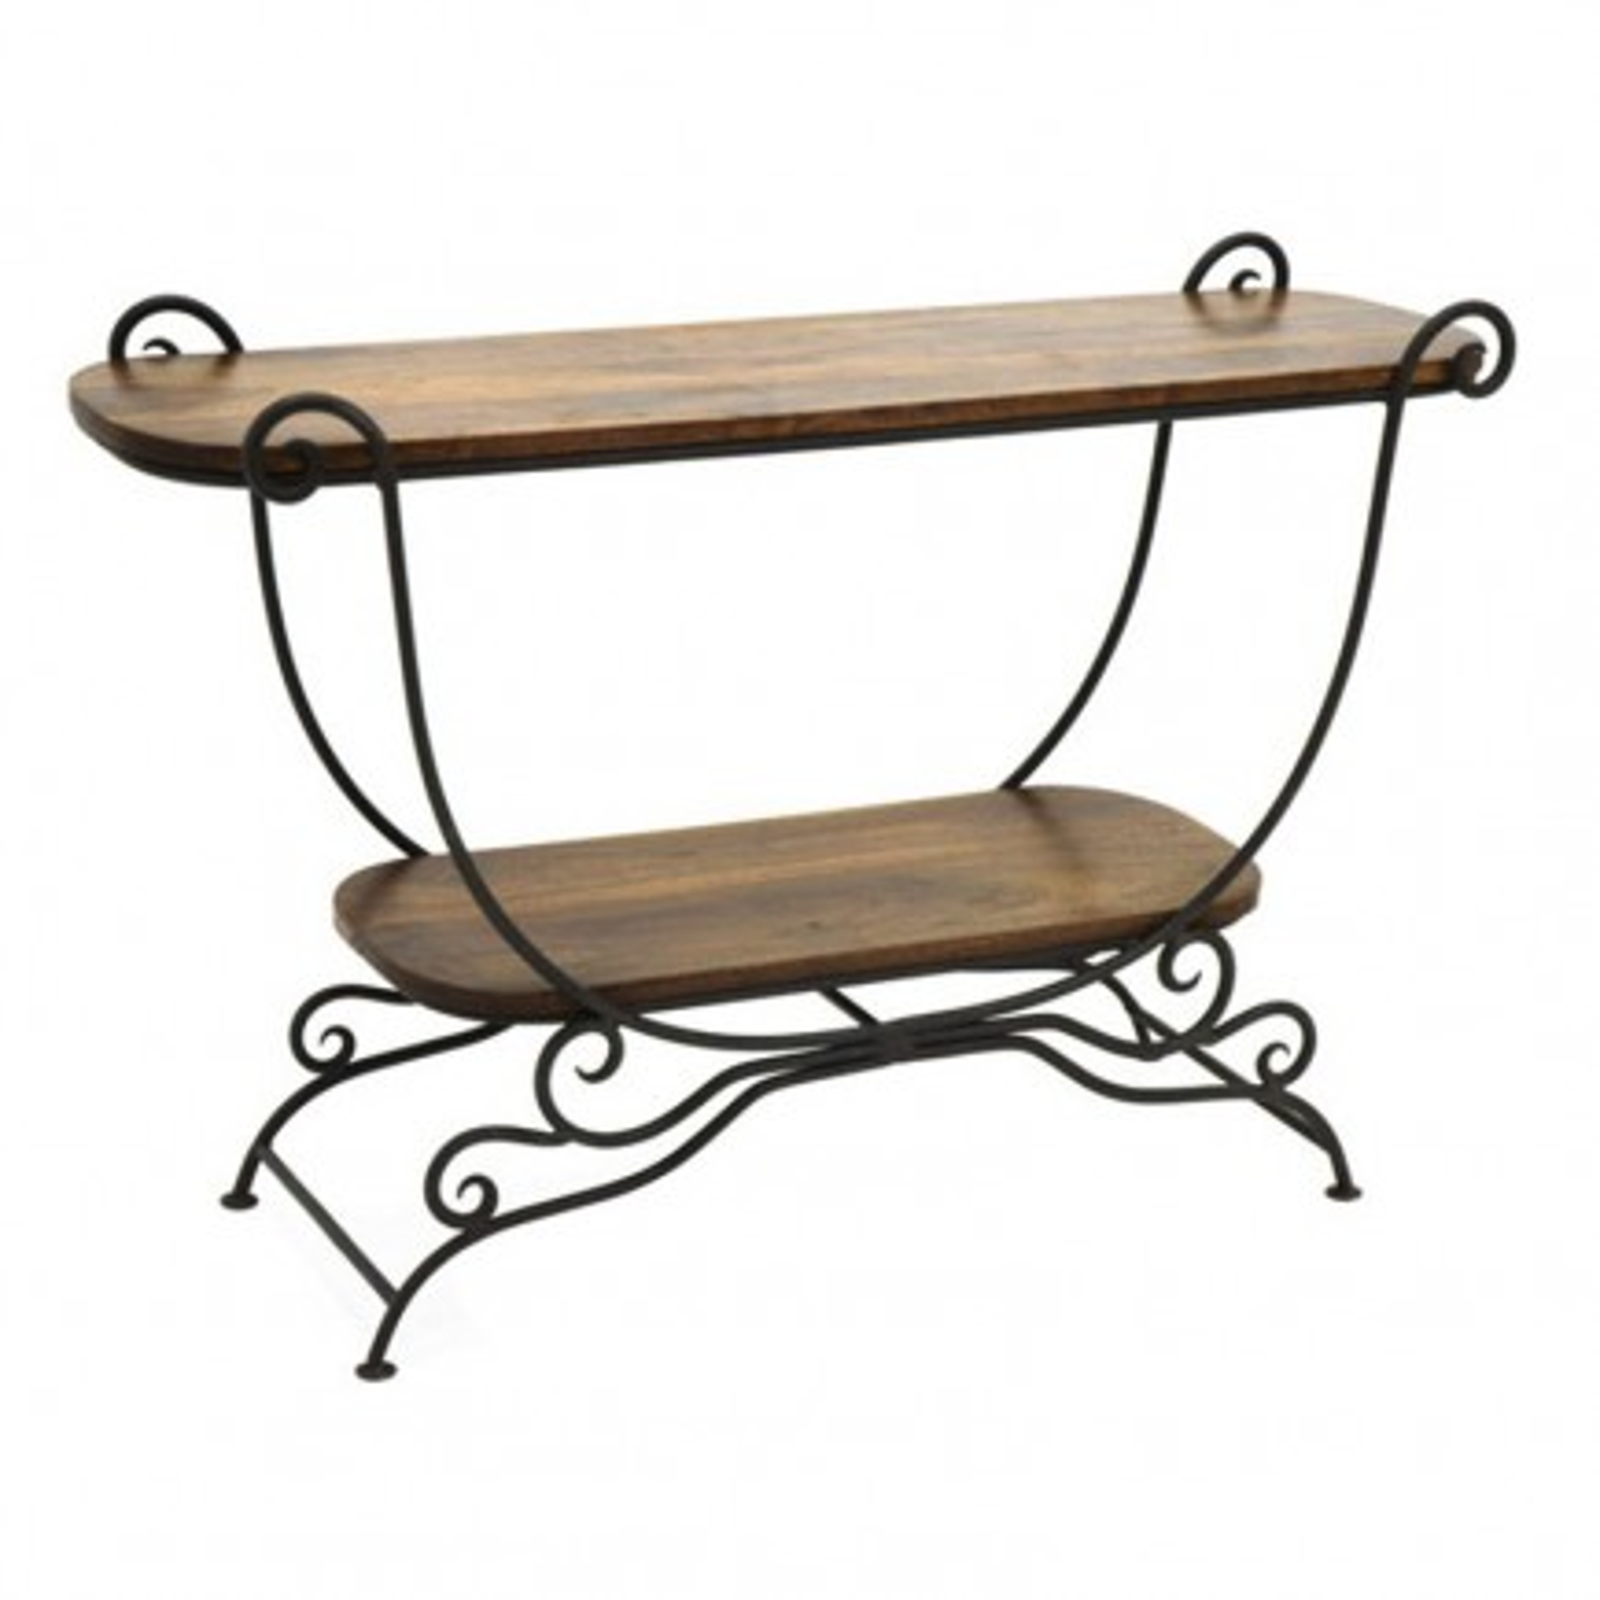 maison la d co romantique console en fer forg et. Black Bedroom Furniture Sets. Home Design Ideas